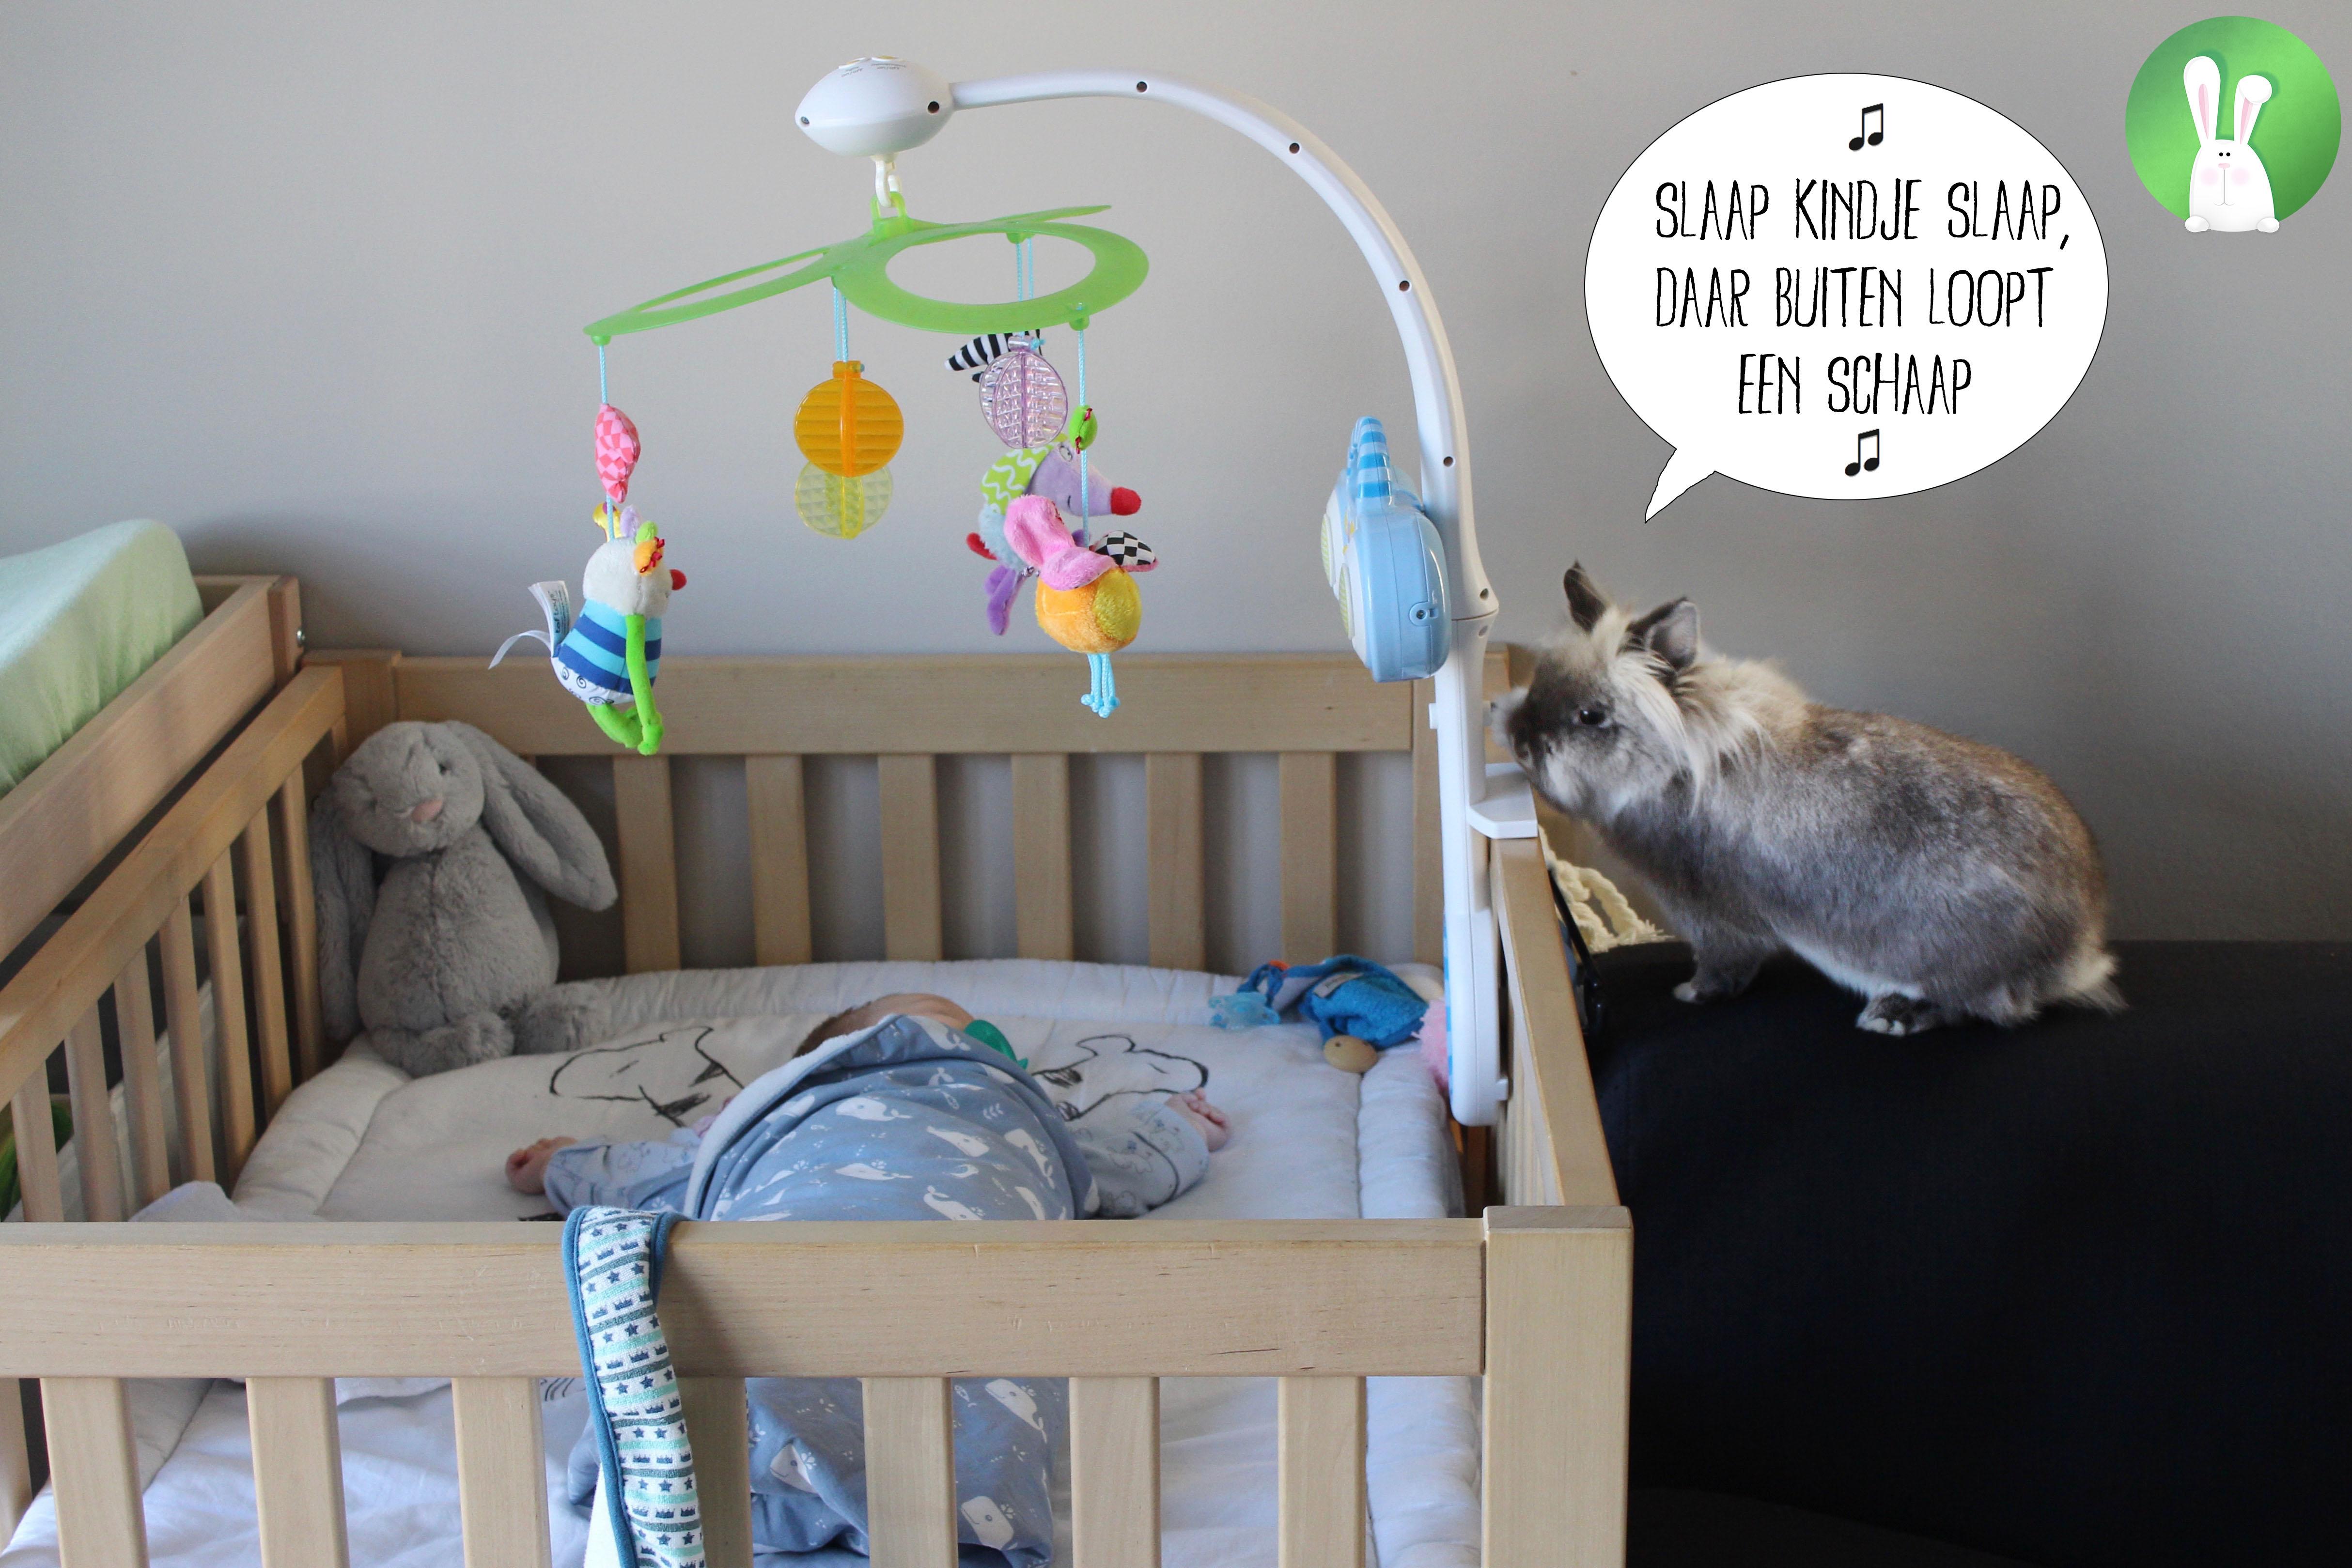 Hoe bereid je je konijnen voor op de komst van een baby? | Konijnenadviesbureau Hopster